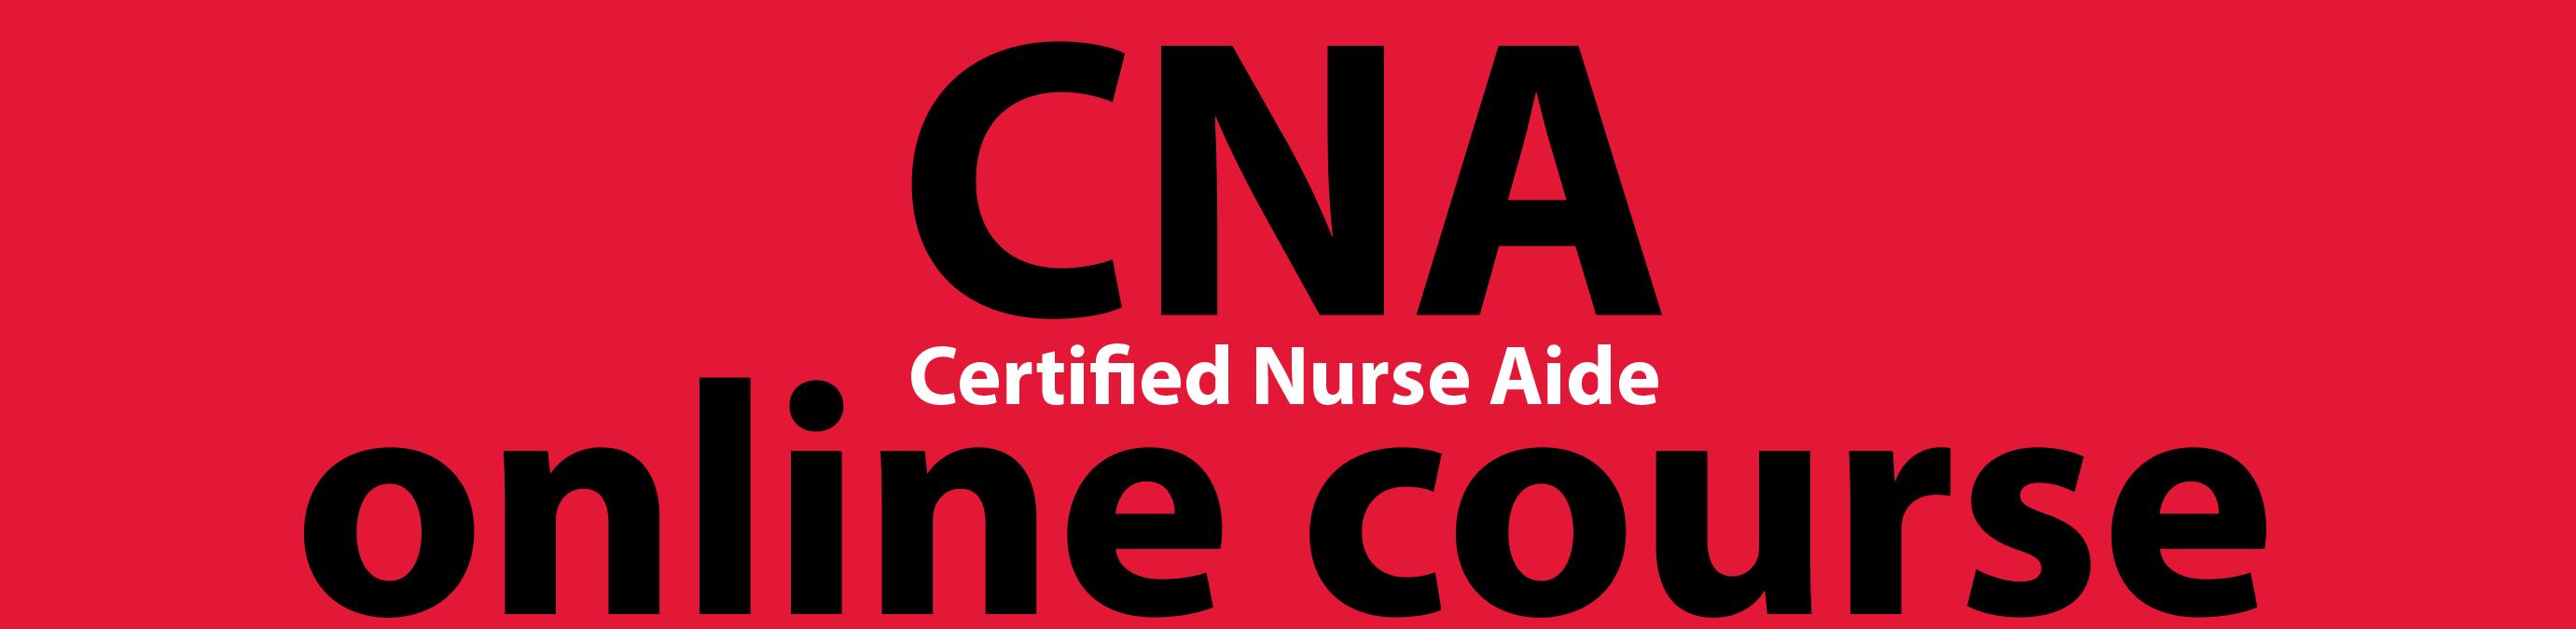 certified nurse aide course